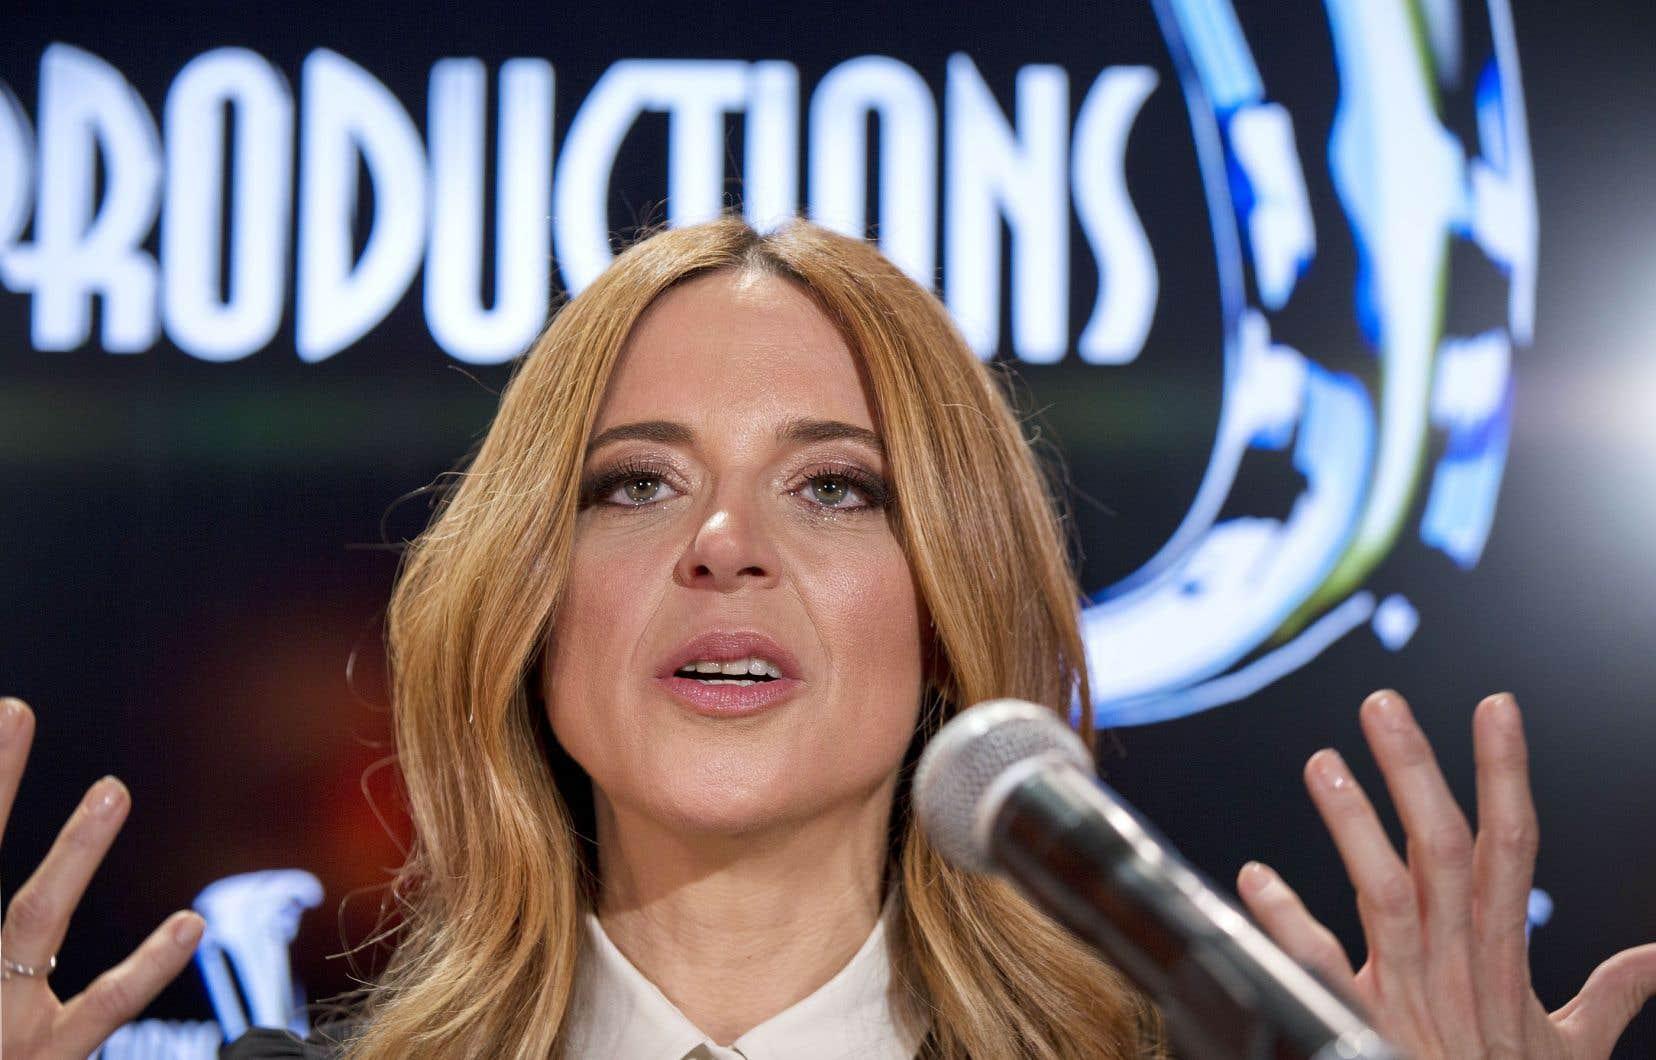 L'animatrice et productrice Julie Snyder a dit avoir été agressée sexuellement par Gilbert Rozon.